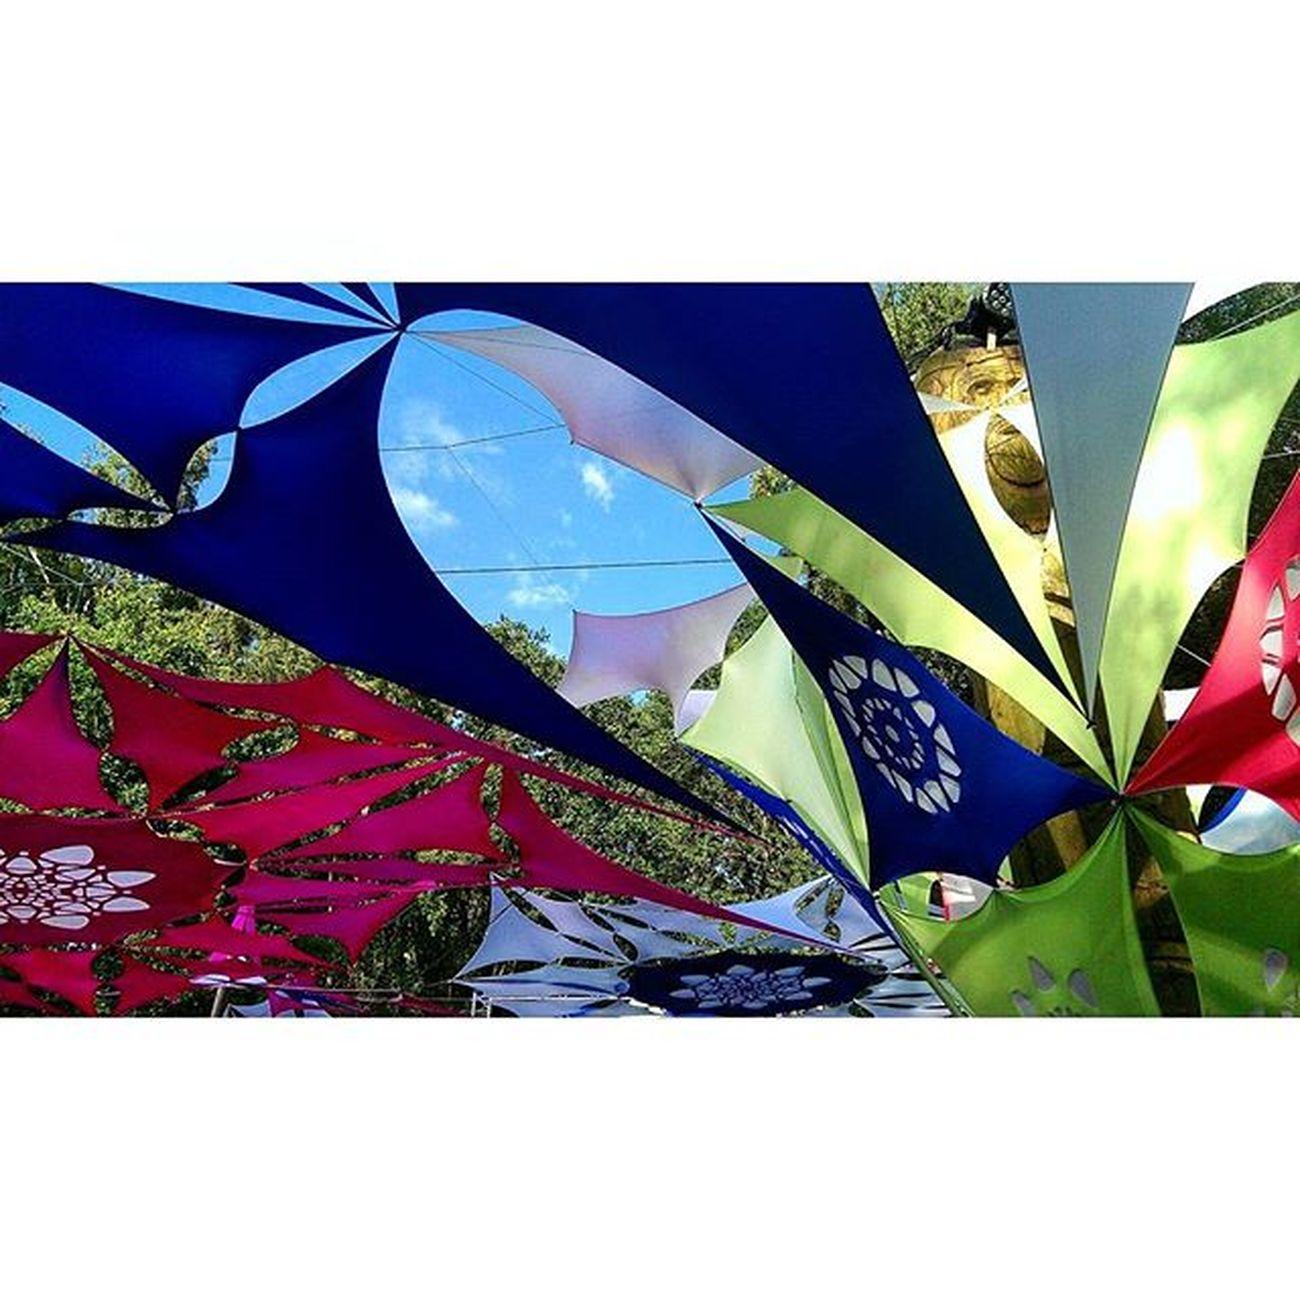 Orangesun 💃 OA Orangesunfestival Goodvibes Festivalseason Schnappsundliebe Schönesambiente Schöneswetter Schönedeko Lauterkinder 😱 Undwirsagten Dasbändchenpasst Trotzdemwarsgeil Gernewieder Kleinaberfein